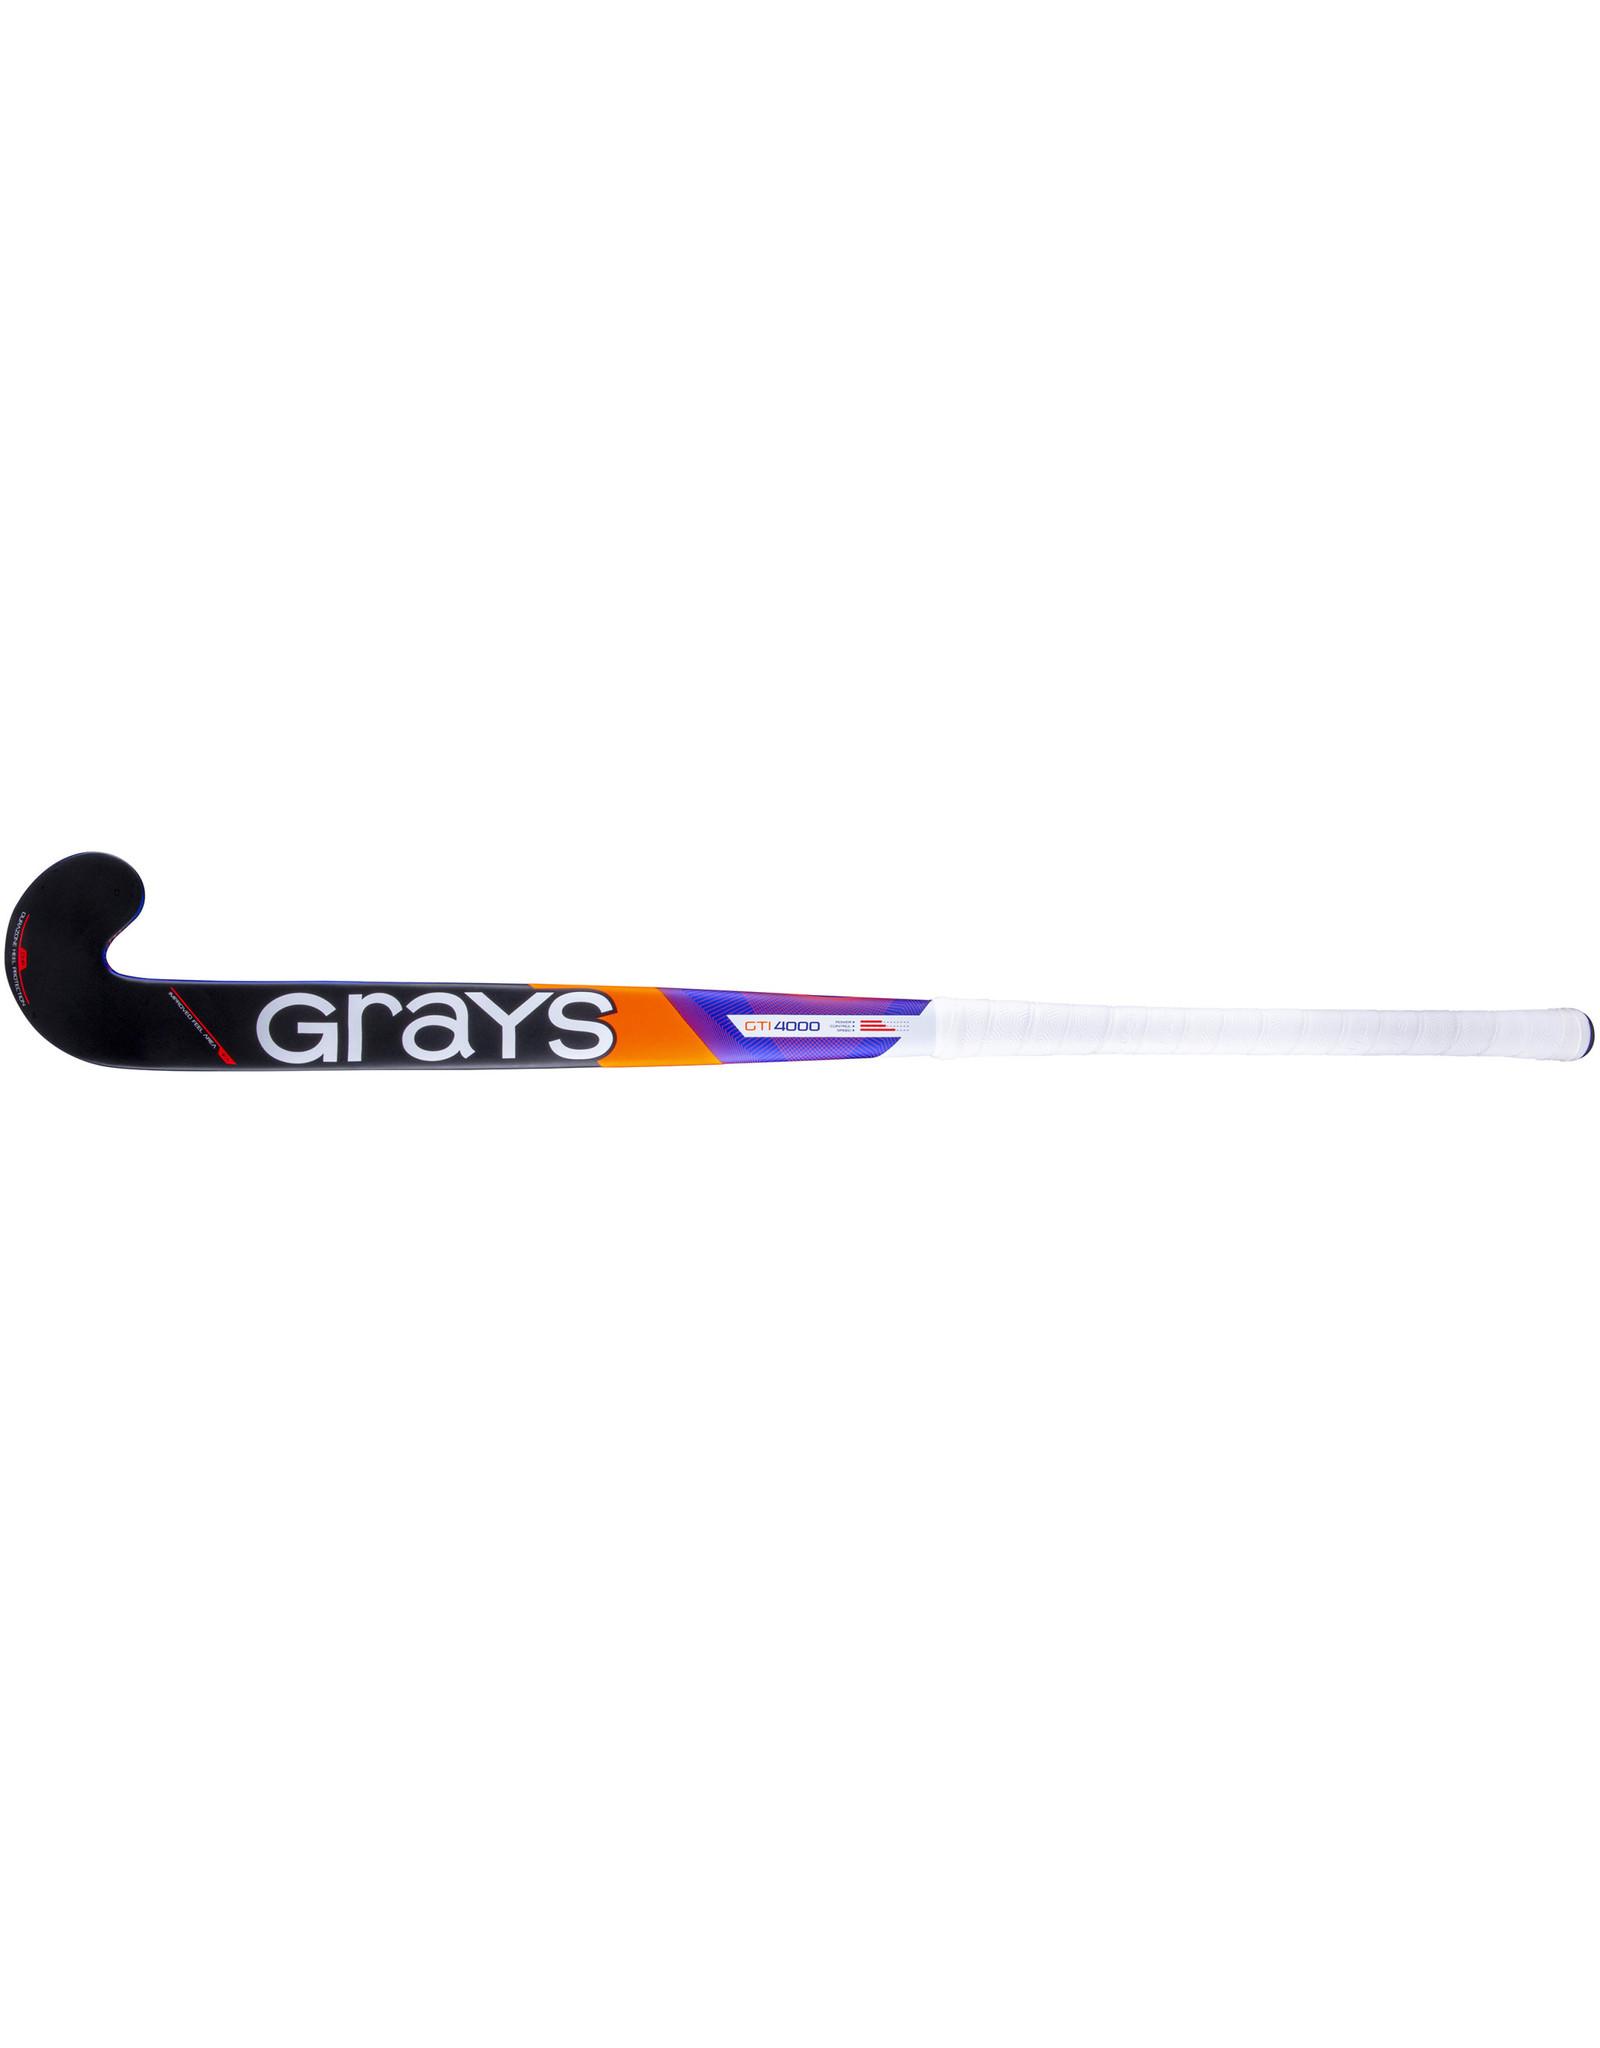 Grays STK GTI4000 DB